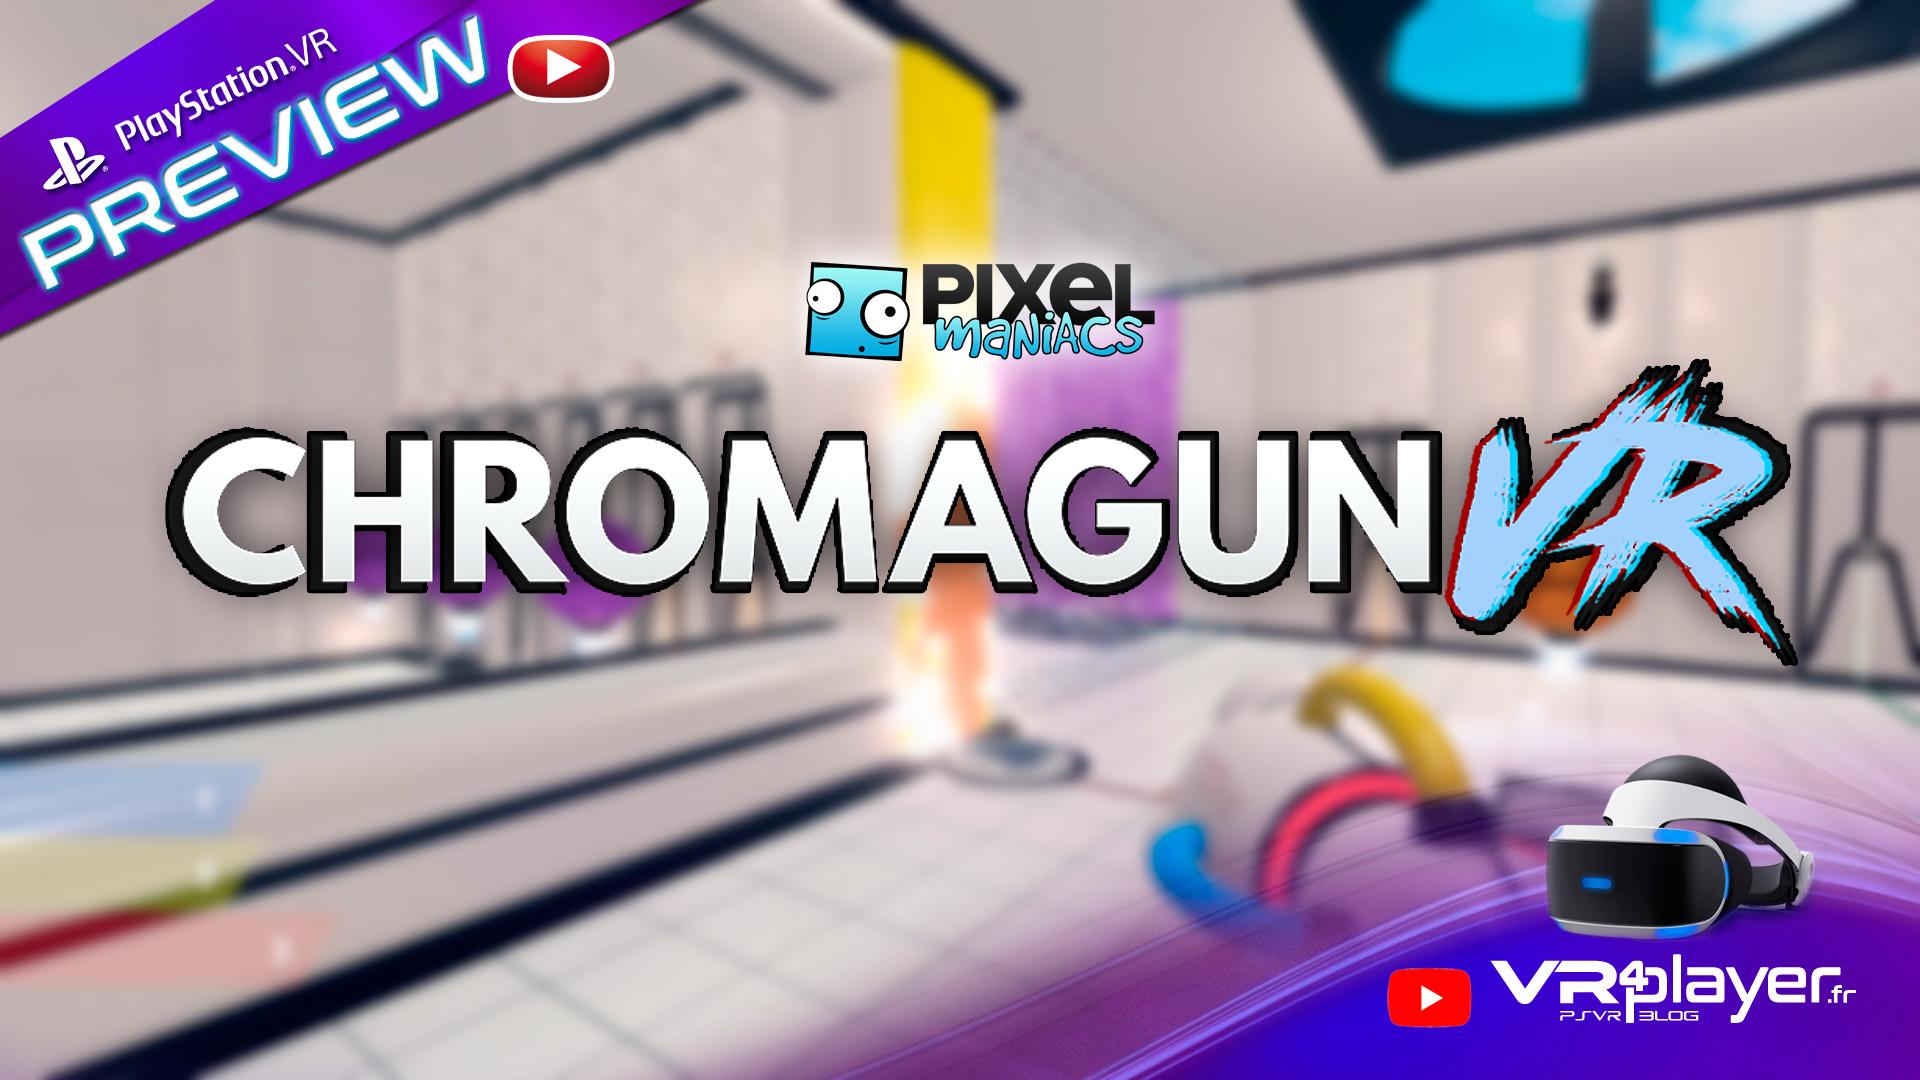 Chromagun VR Preview